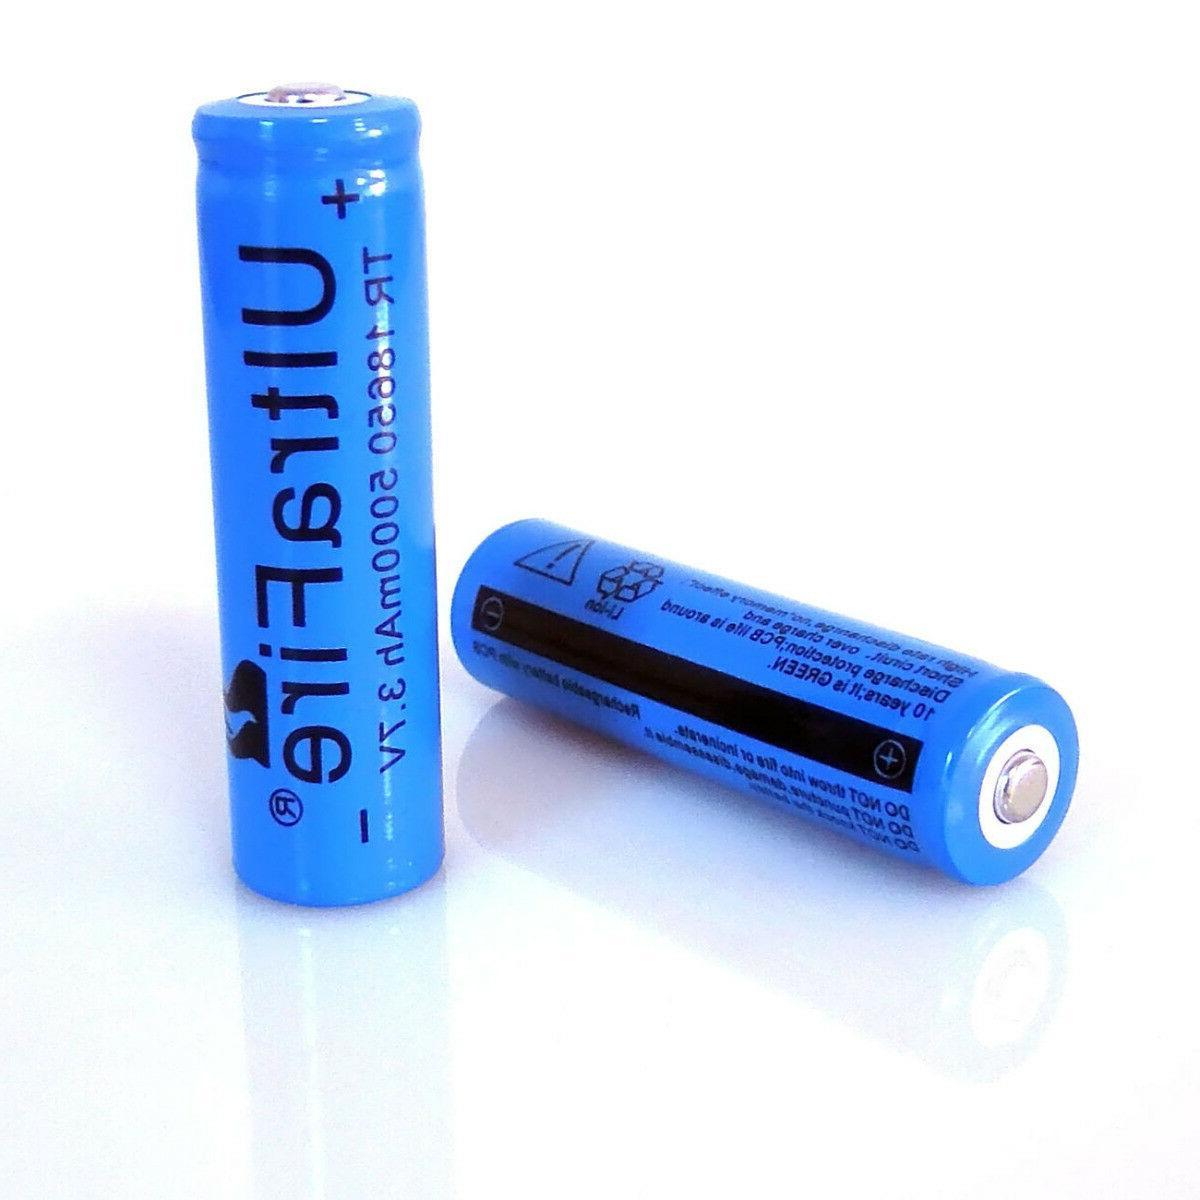 4pcs 18650 Li-ion Rechargeable Batteries USA